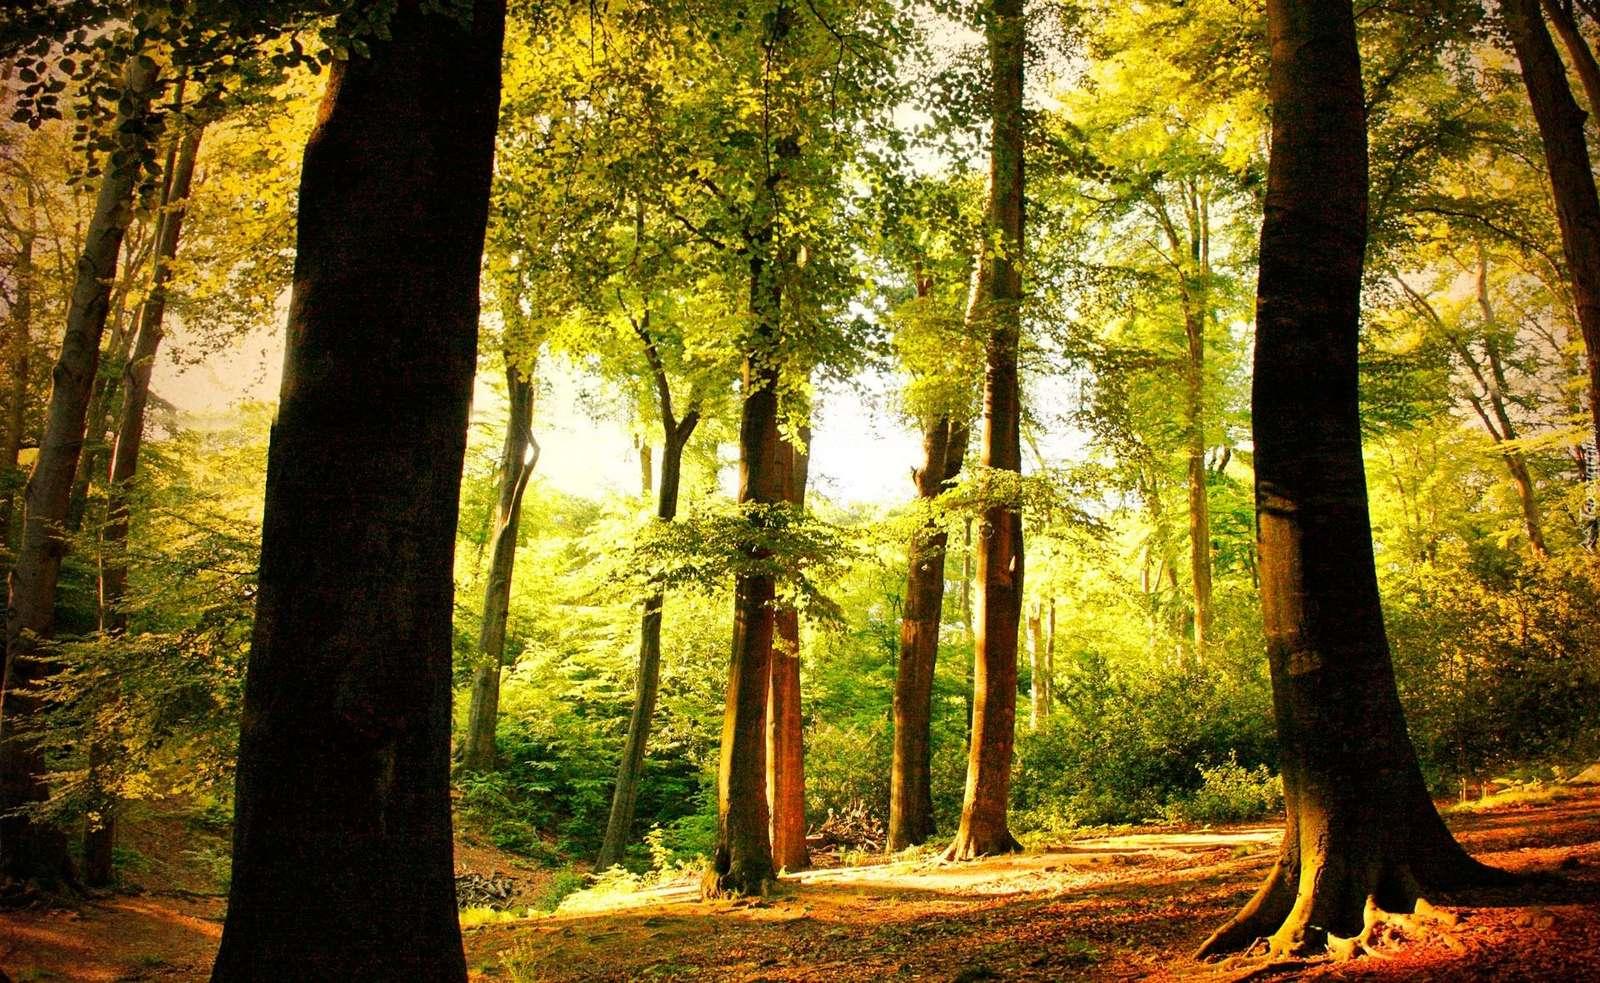 Het bos op een zonnige dag - Prachtig bos op een zonnige zomerdag (12×12)